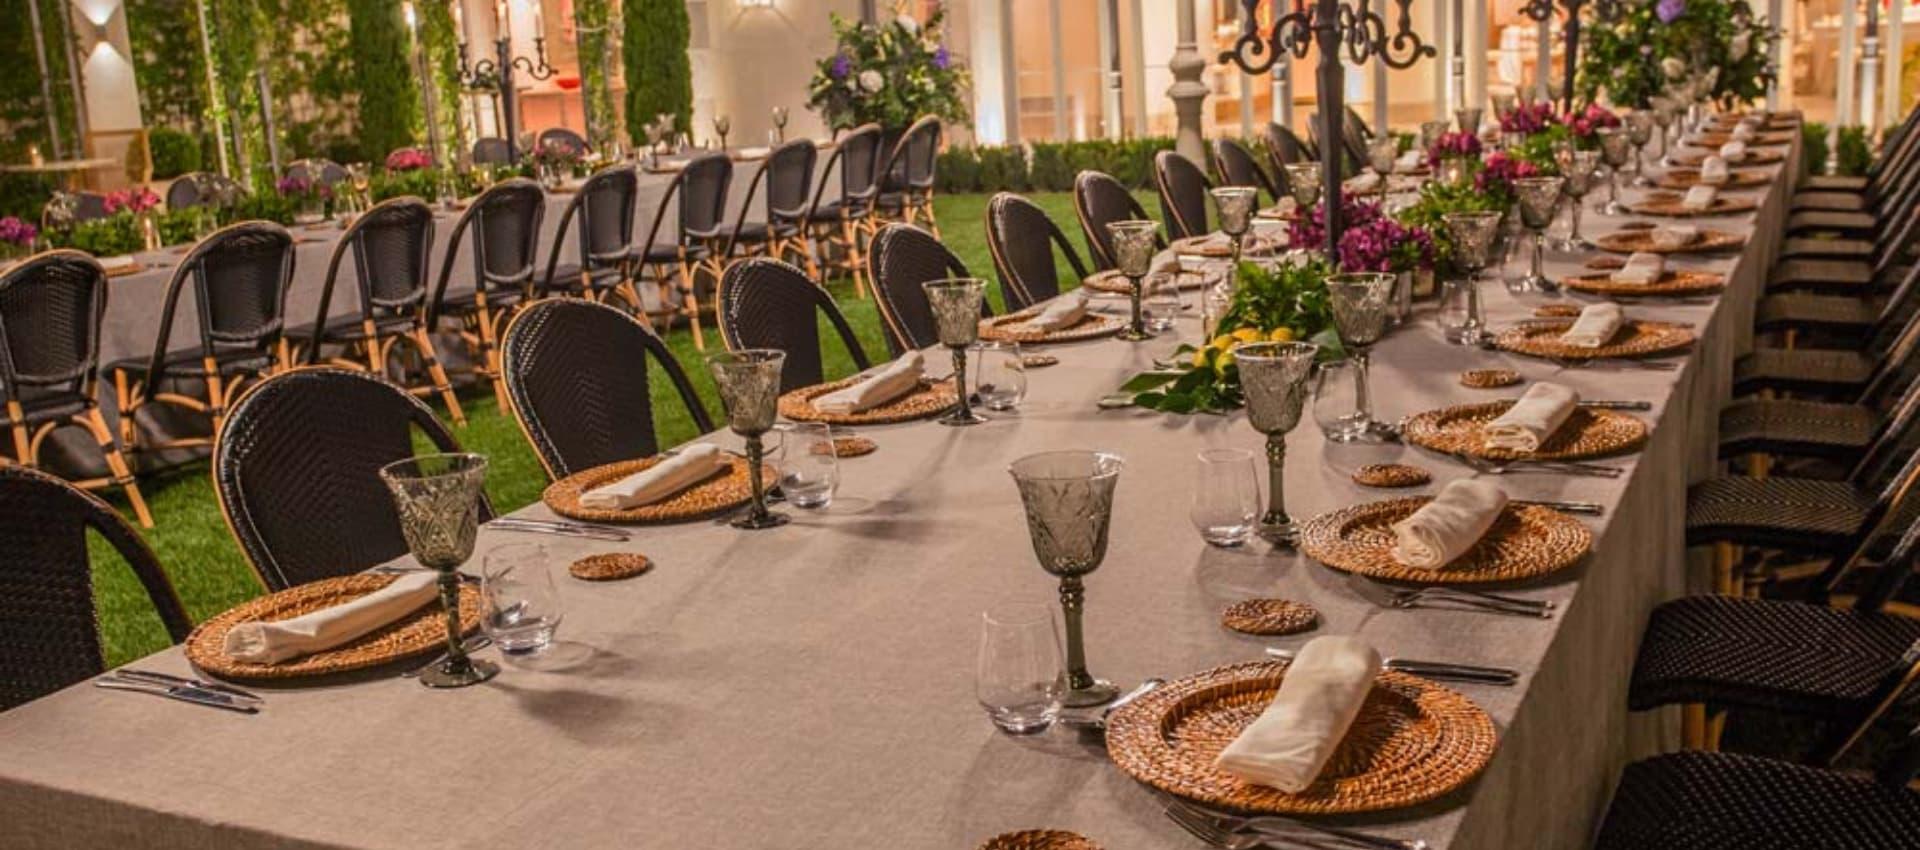 como hacer un seating plan para una boda